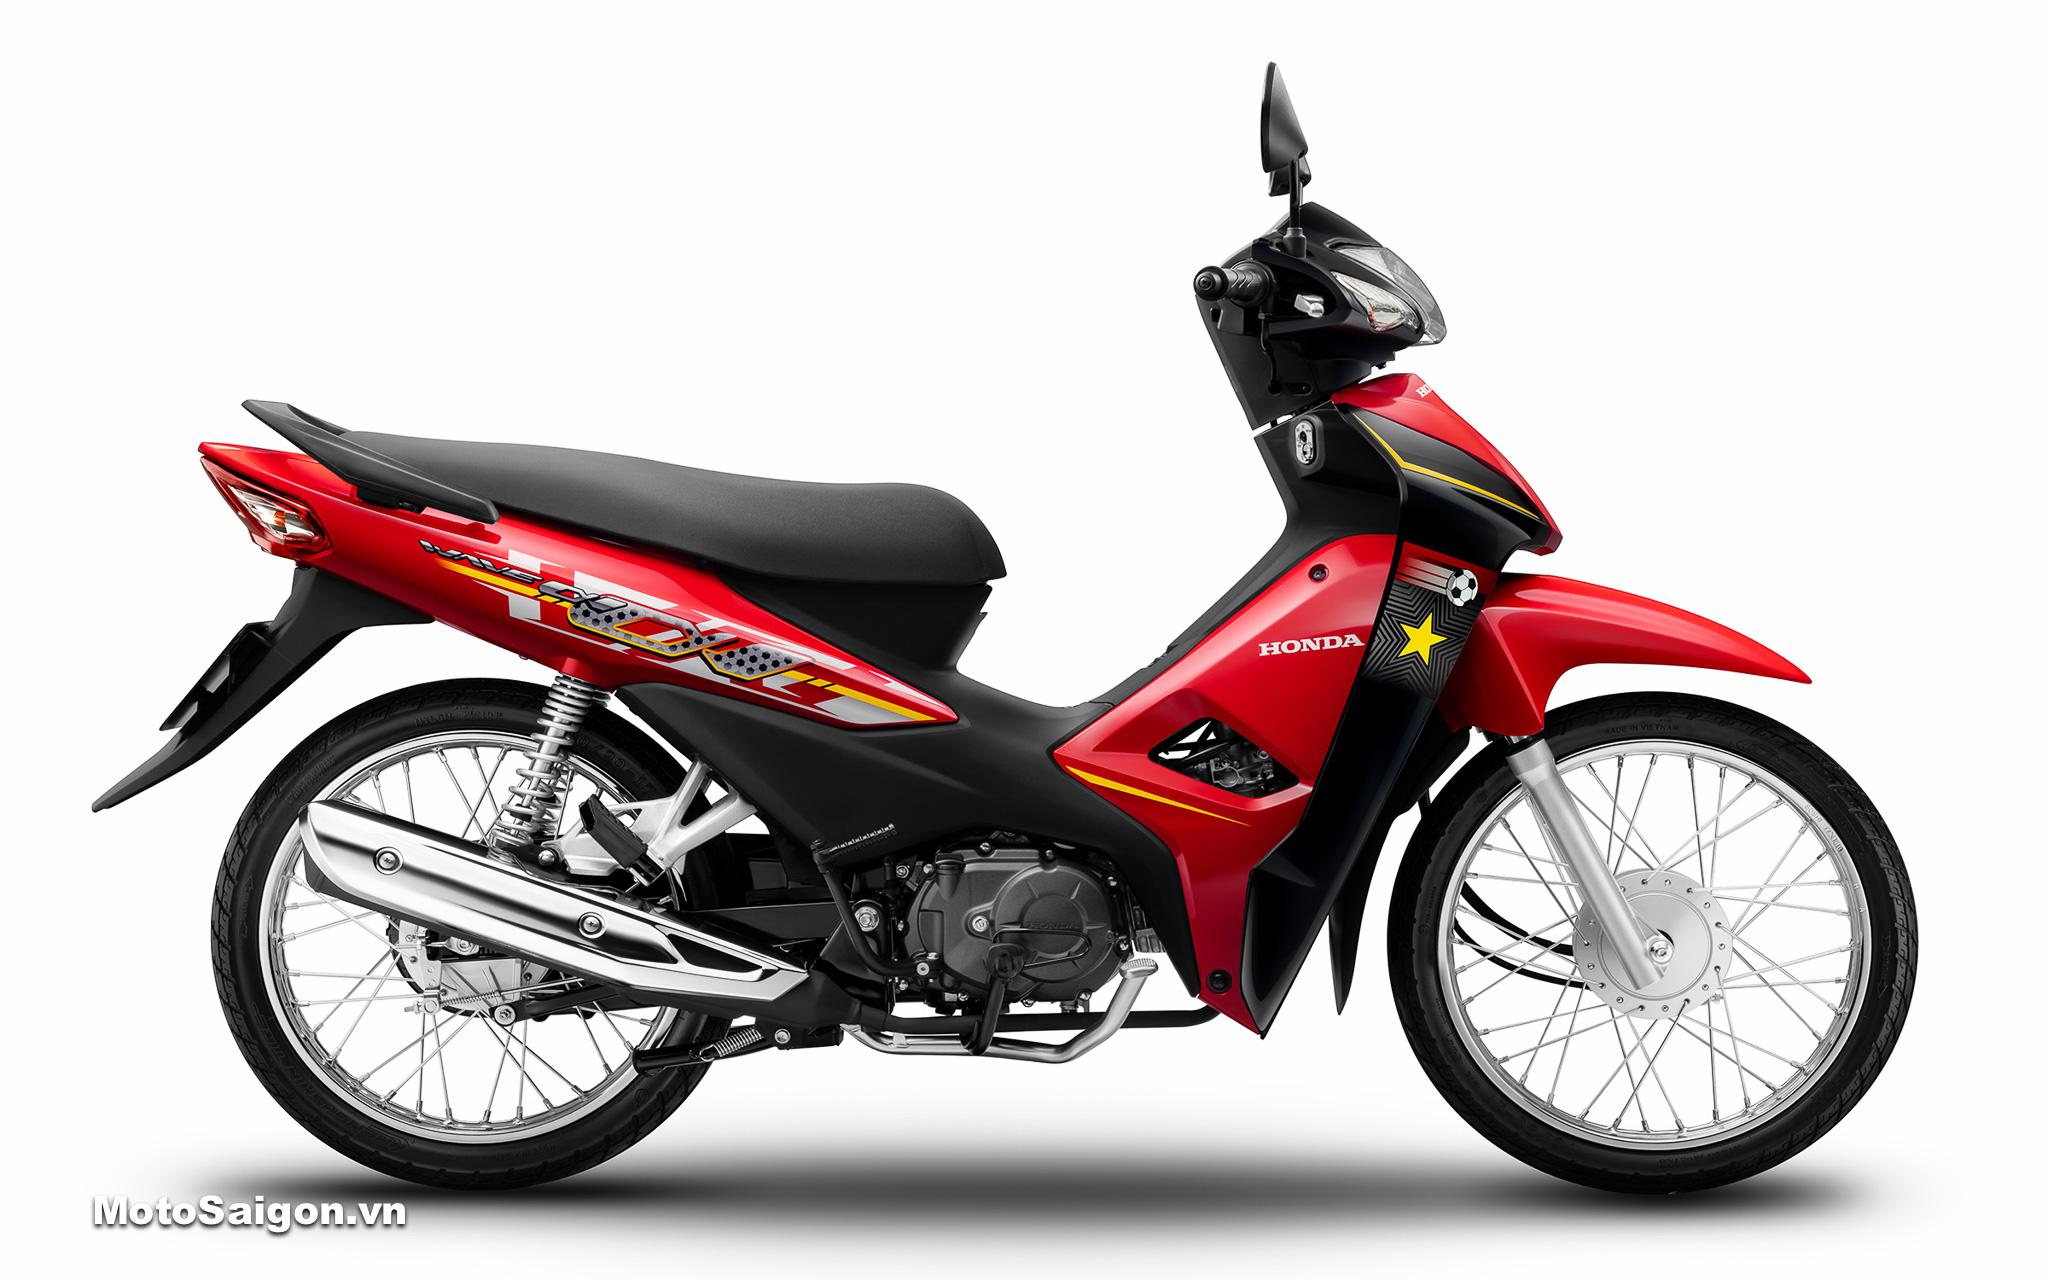 Honda Wave Alpha 110 phiên bản giới hạn mới đã có giá bán